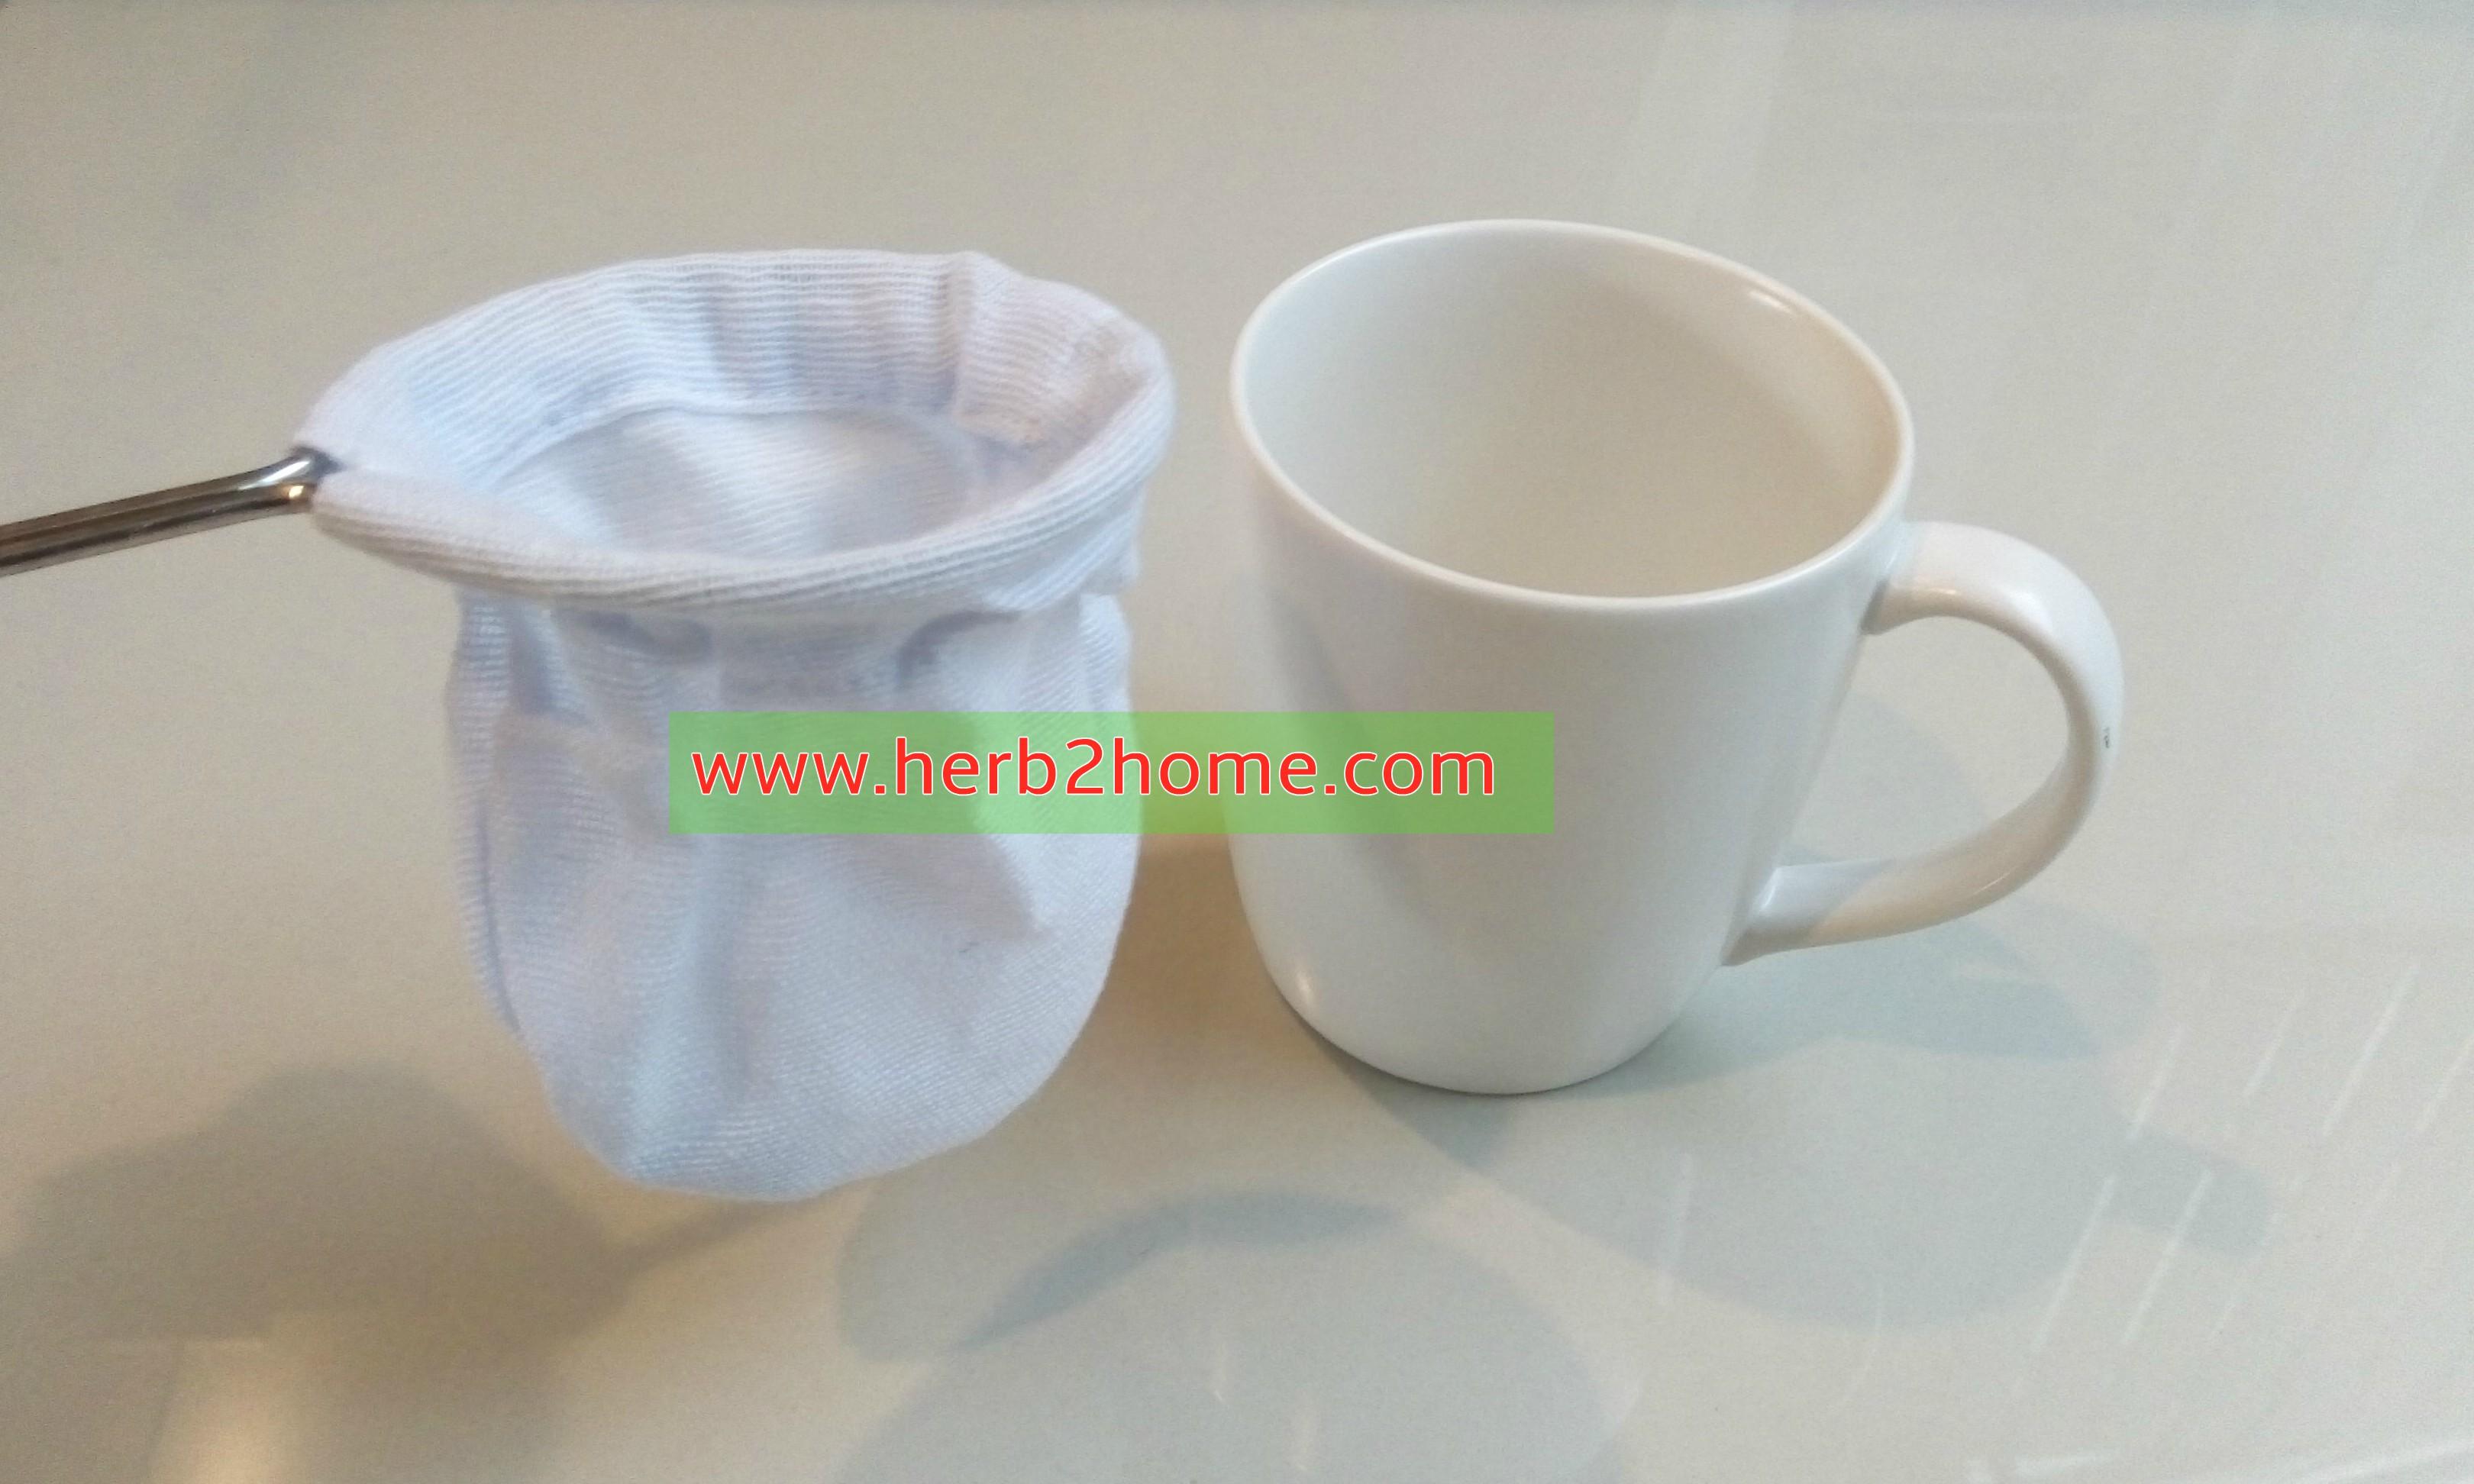 ถุงกรองชา ถุงกรองกากสมุนไพร 3 x 4 นิ้ว ผ้ากรองชงชา สำหรับเปิดร้านกาแฟ กาแฟโบราณ กาแฟสด